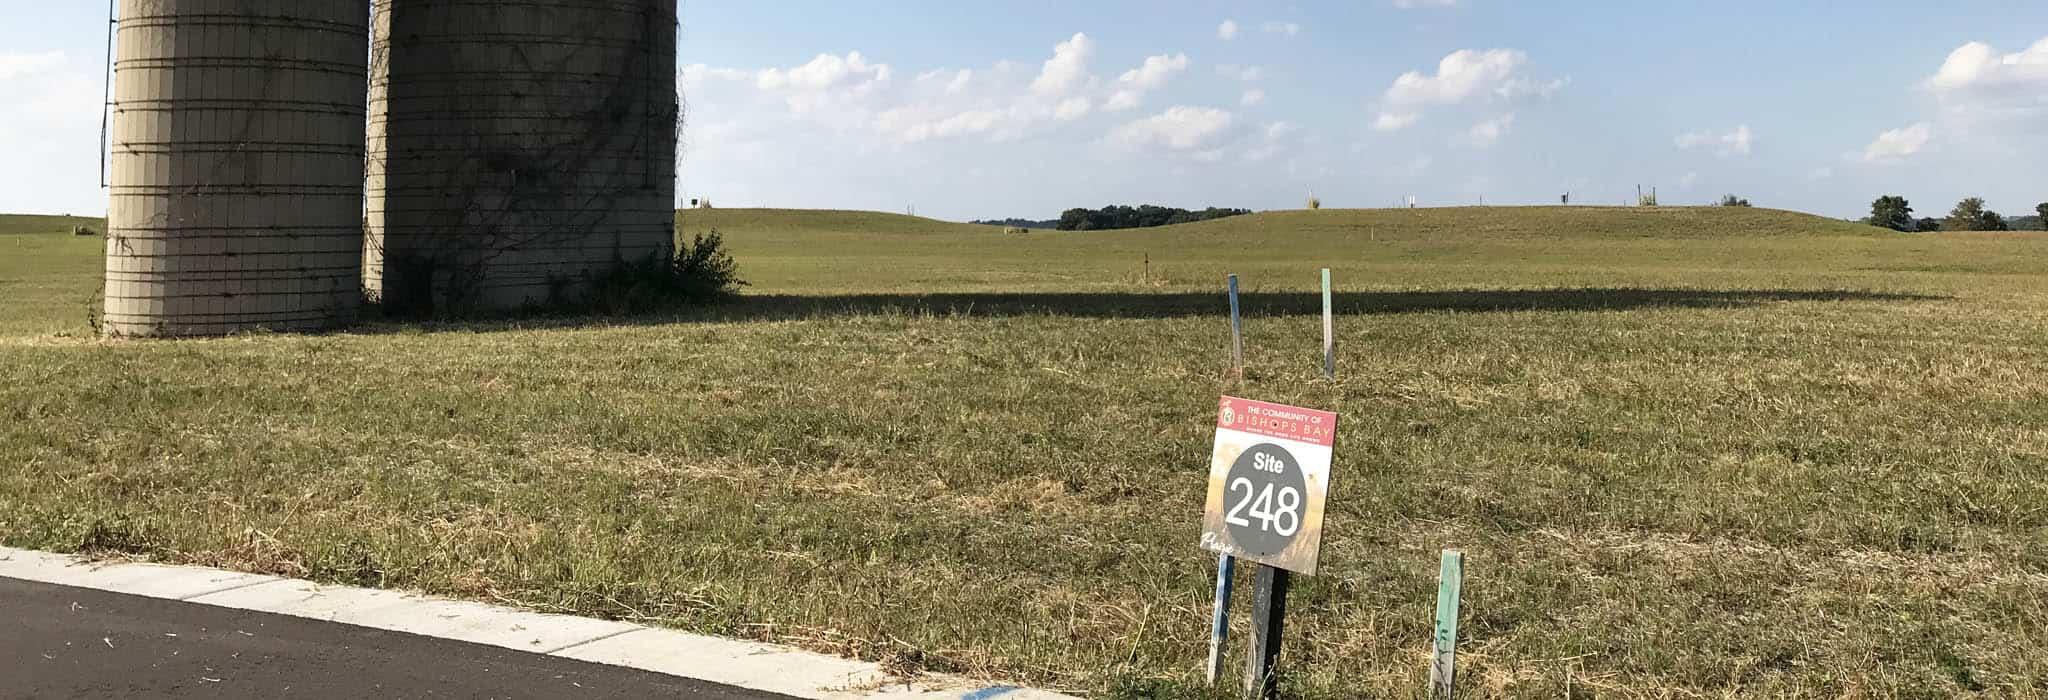 Prairie Lot 248